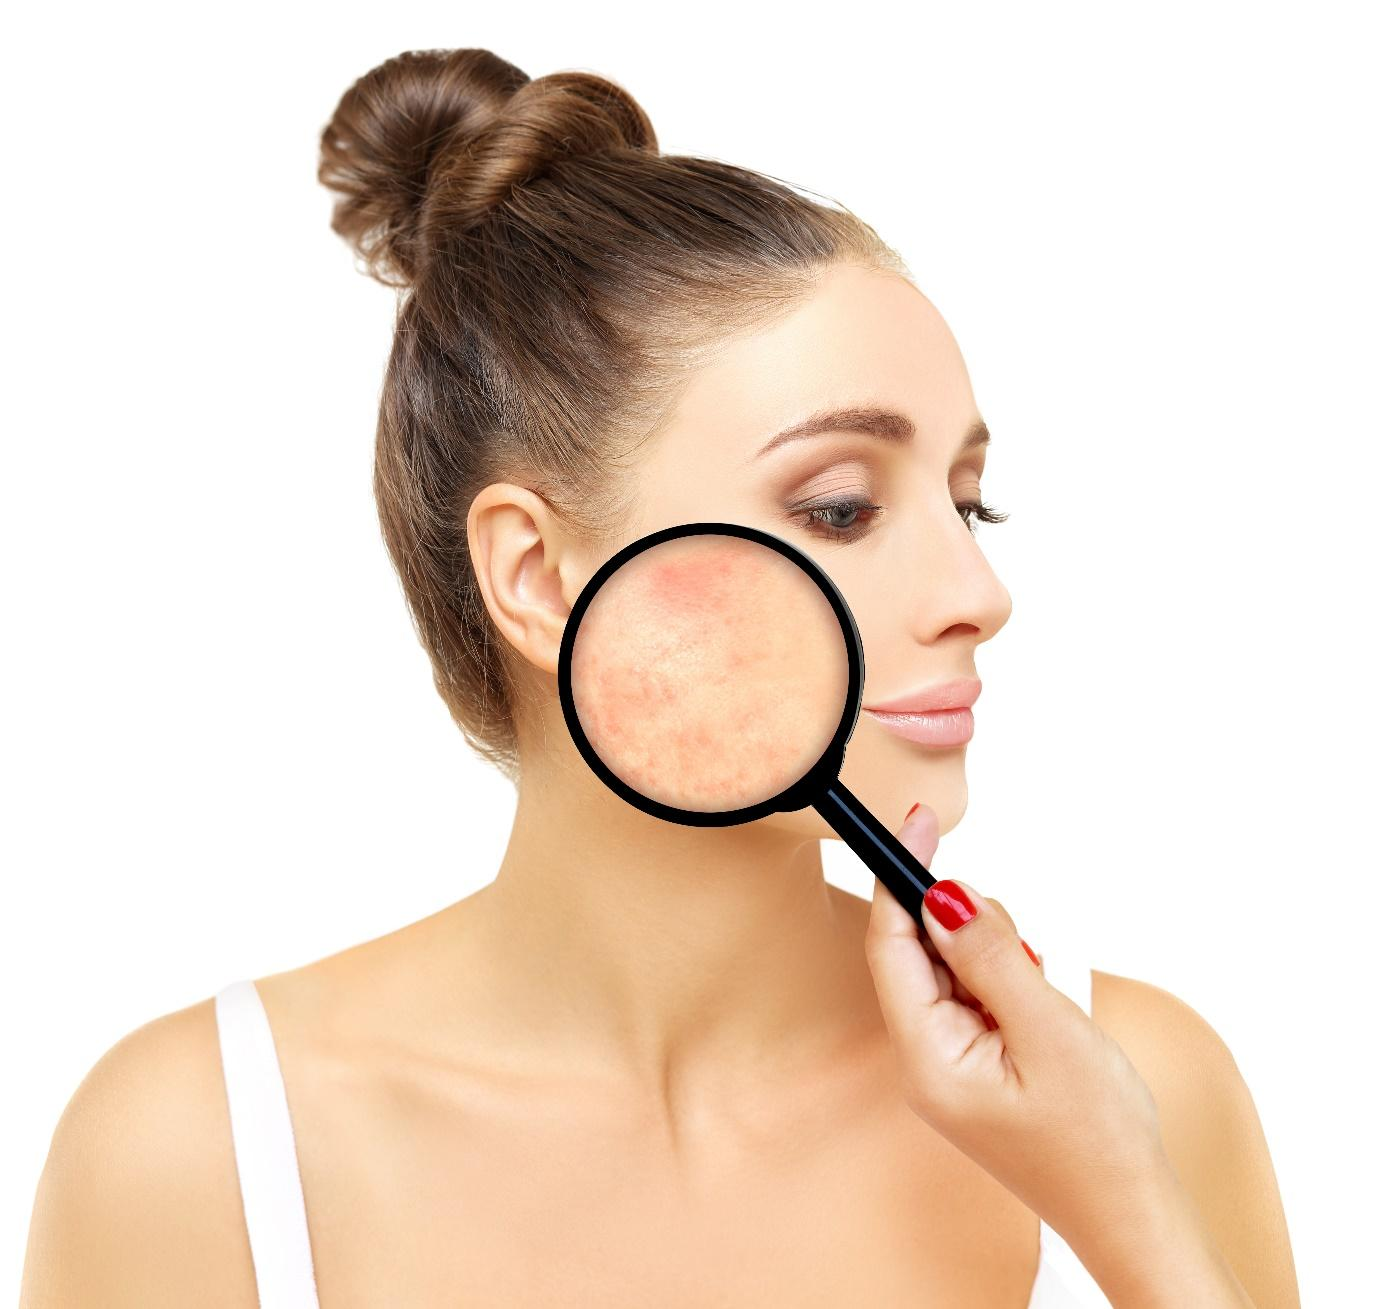 חשוב להתאים את טיפול הפנים לסוג העור שלך